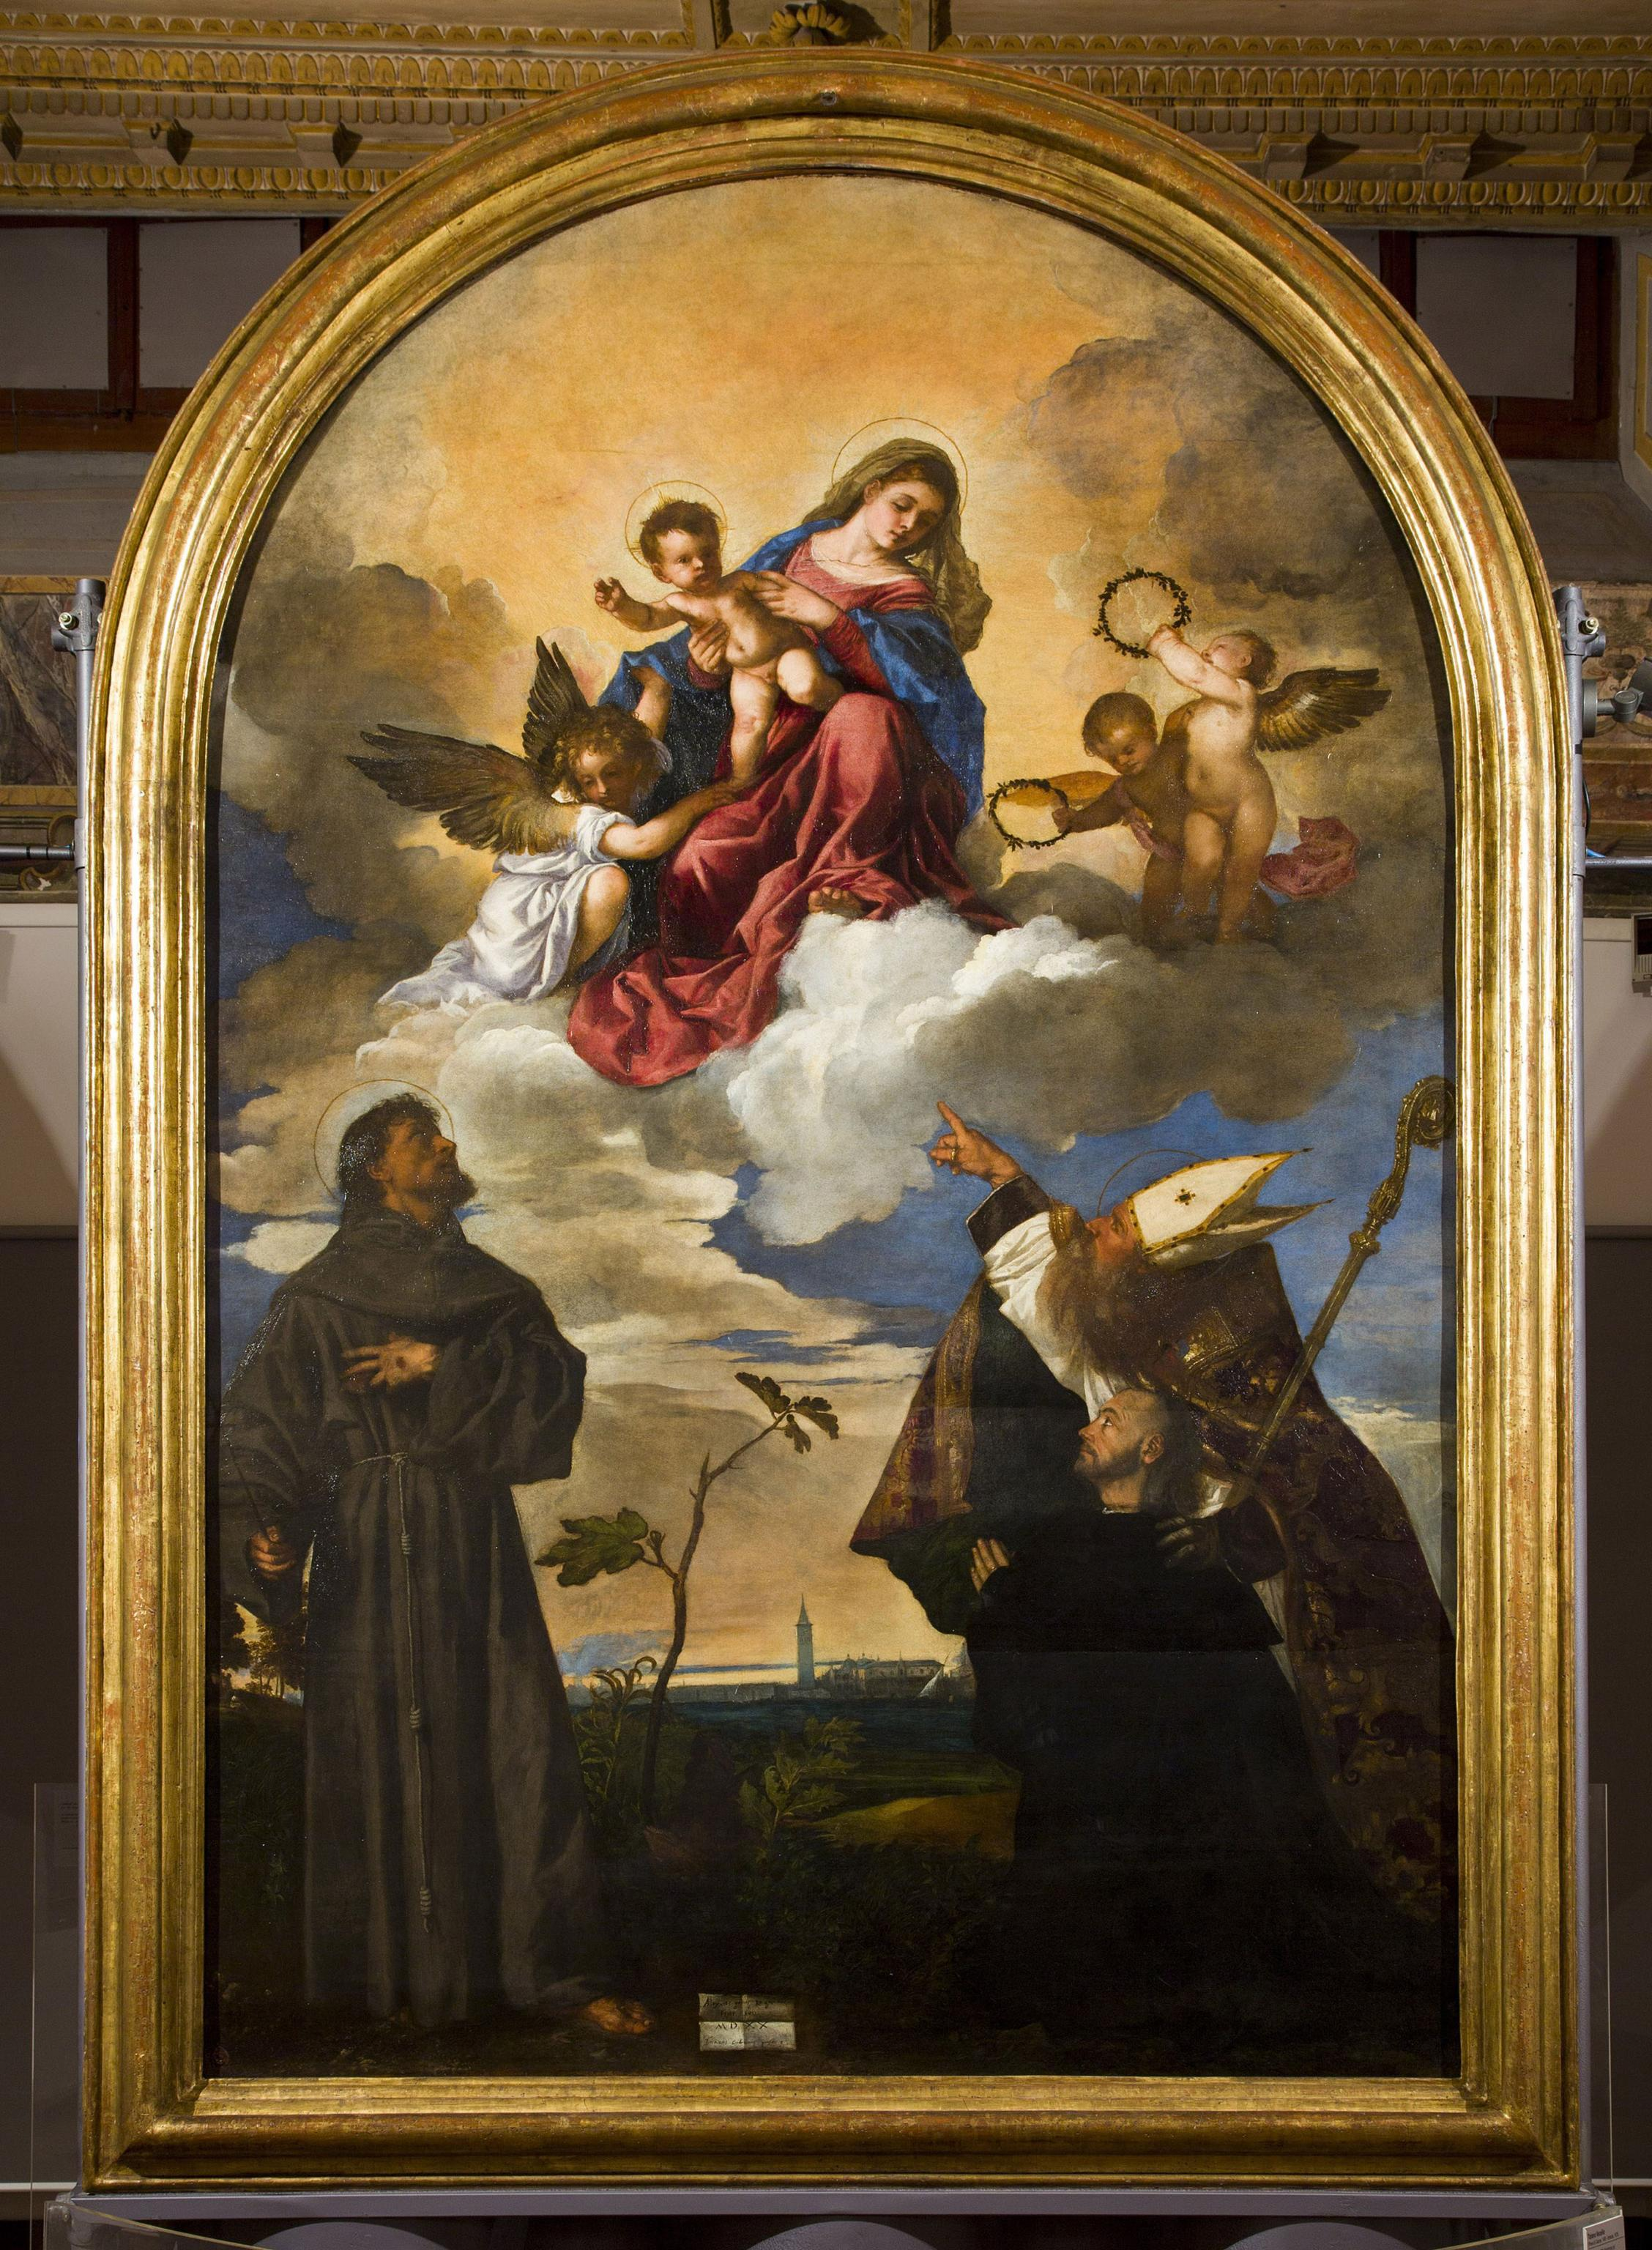 A Milano la Pala Gozzi di Tiziano